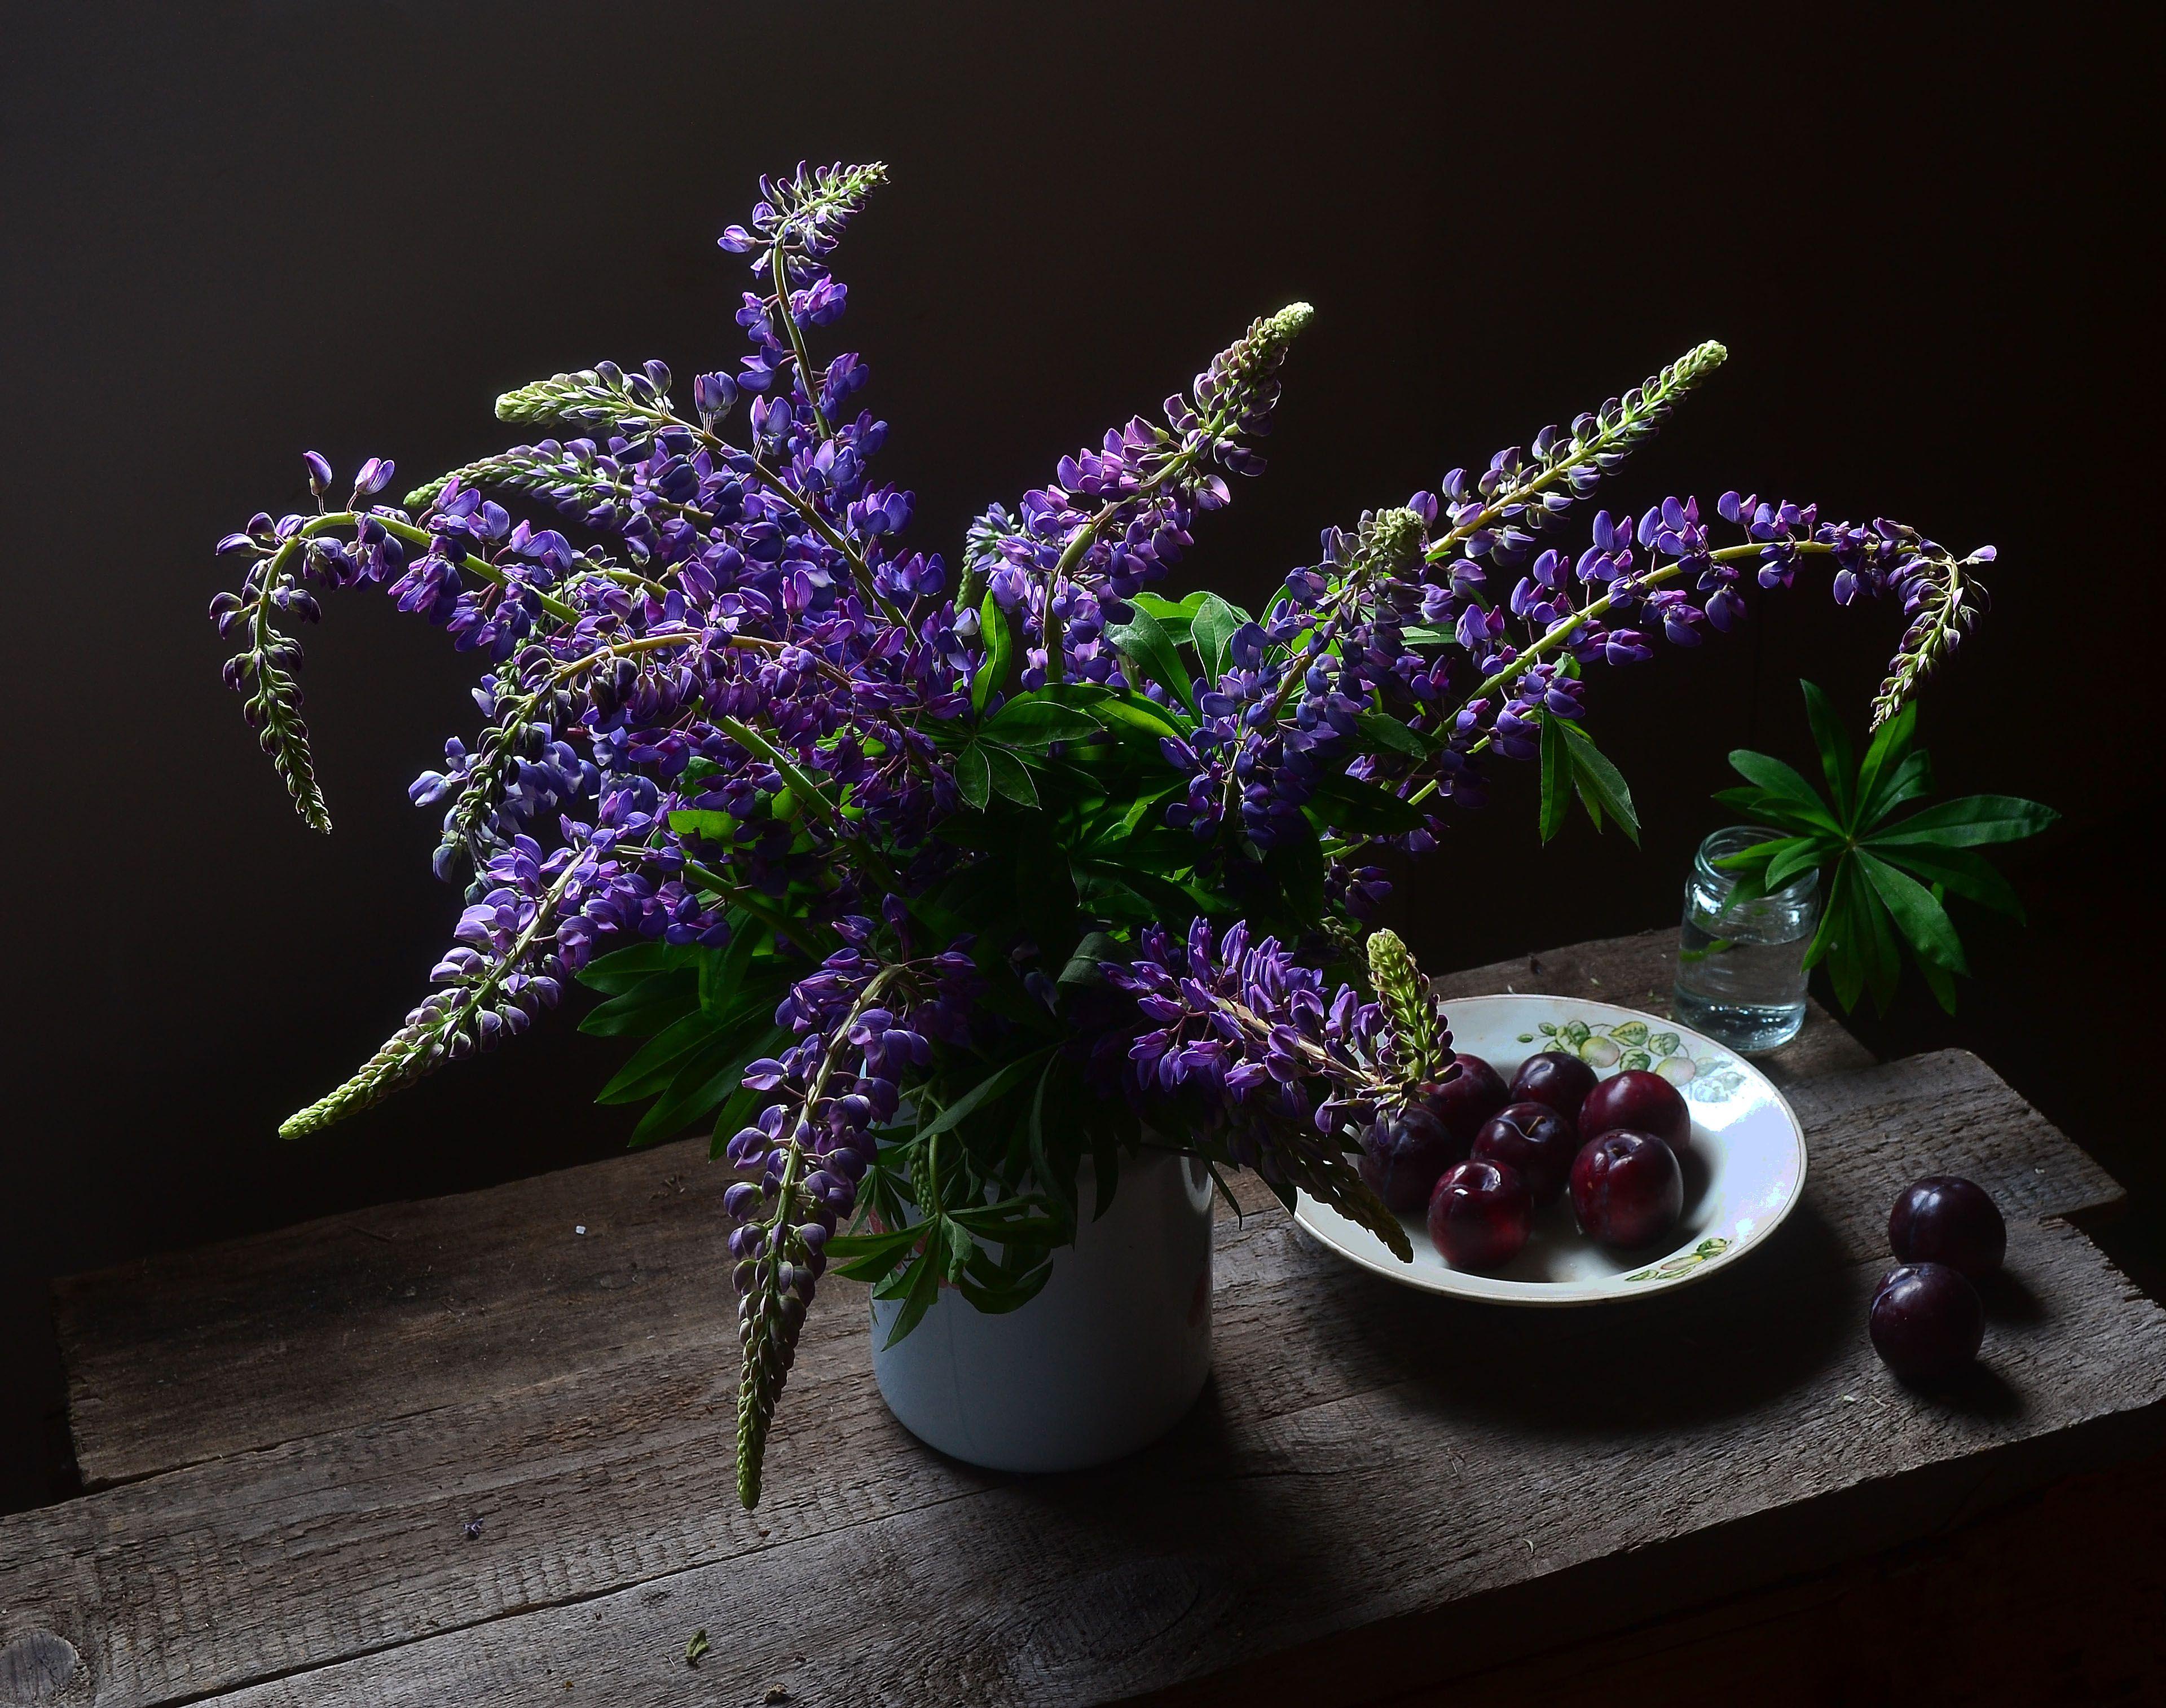 люпины, сливы, натюрморт, мне, все, фиолетово, Оксана Евкодимова